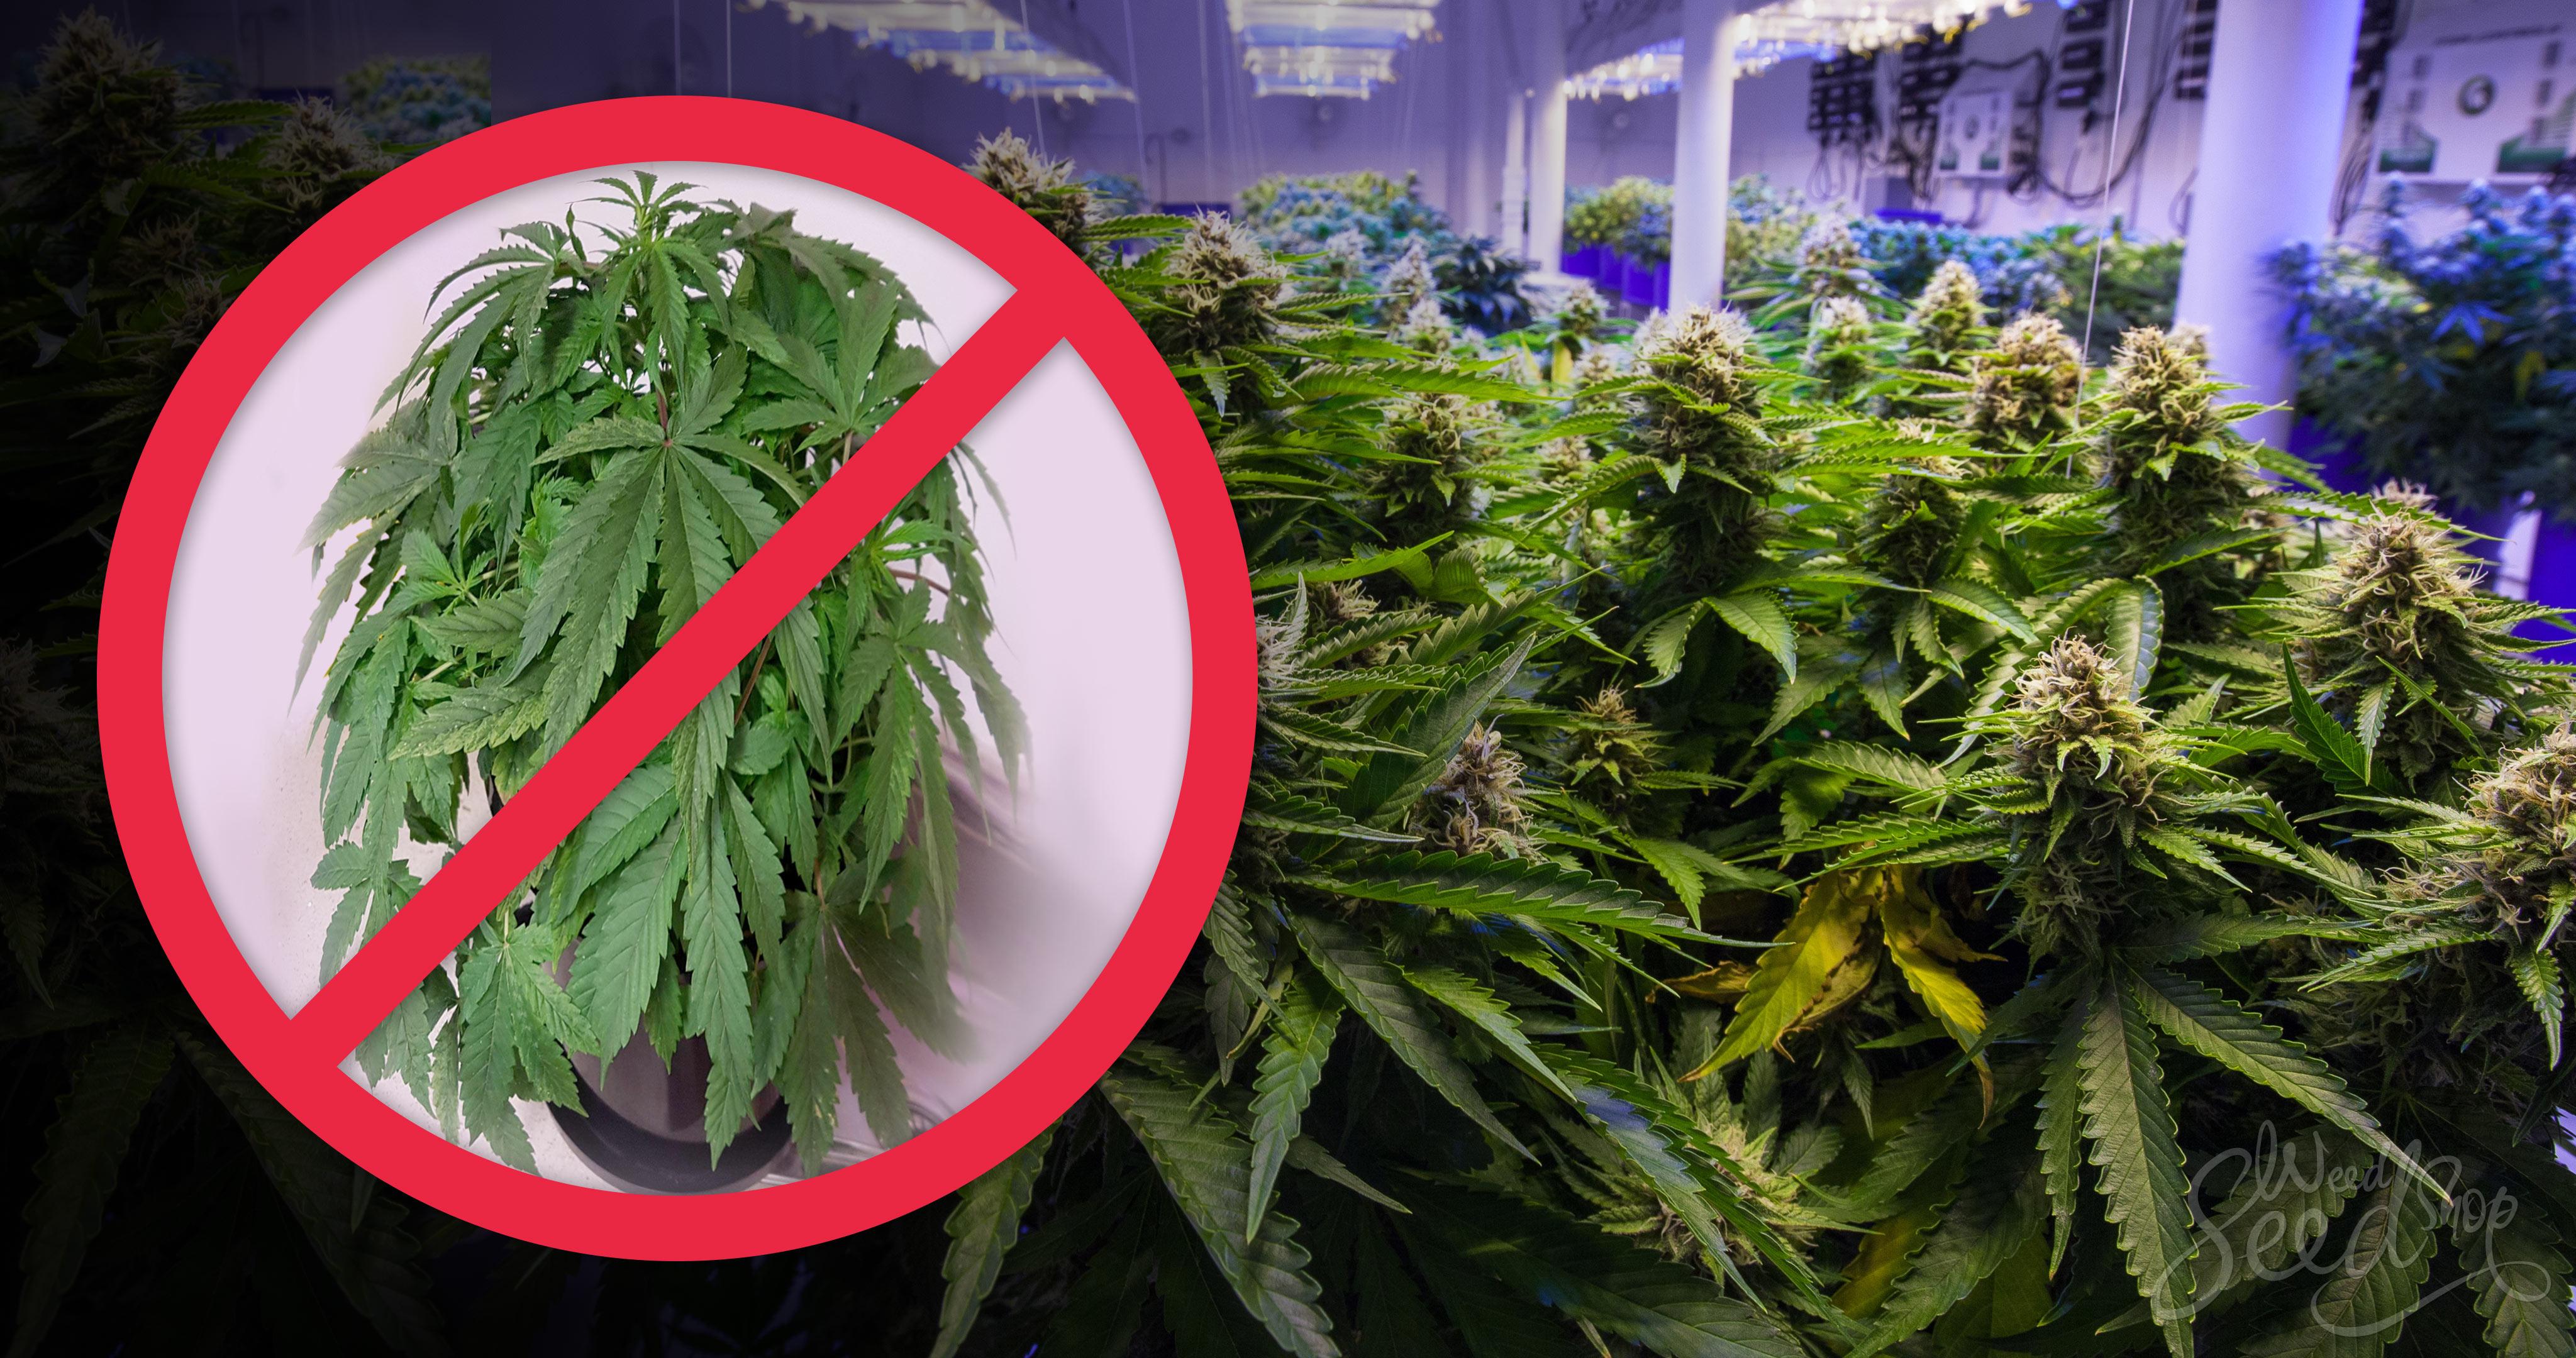 Cómo arreglar las plantas de cannabis decaídas y marchitas - Weed Seed Shop Blog